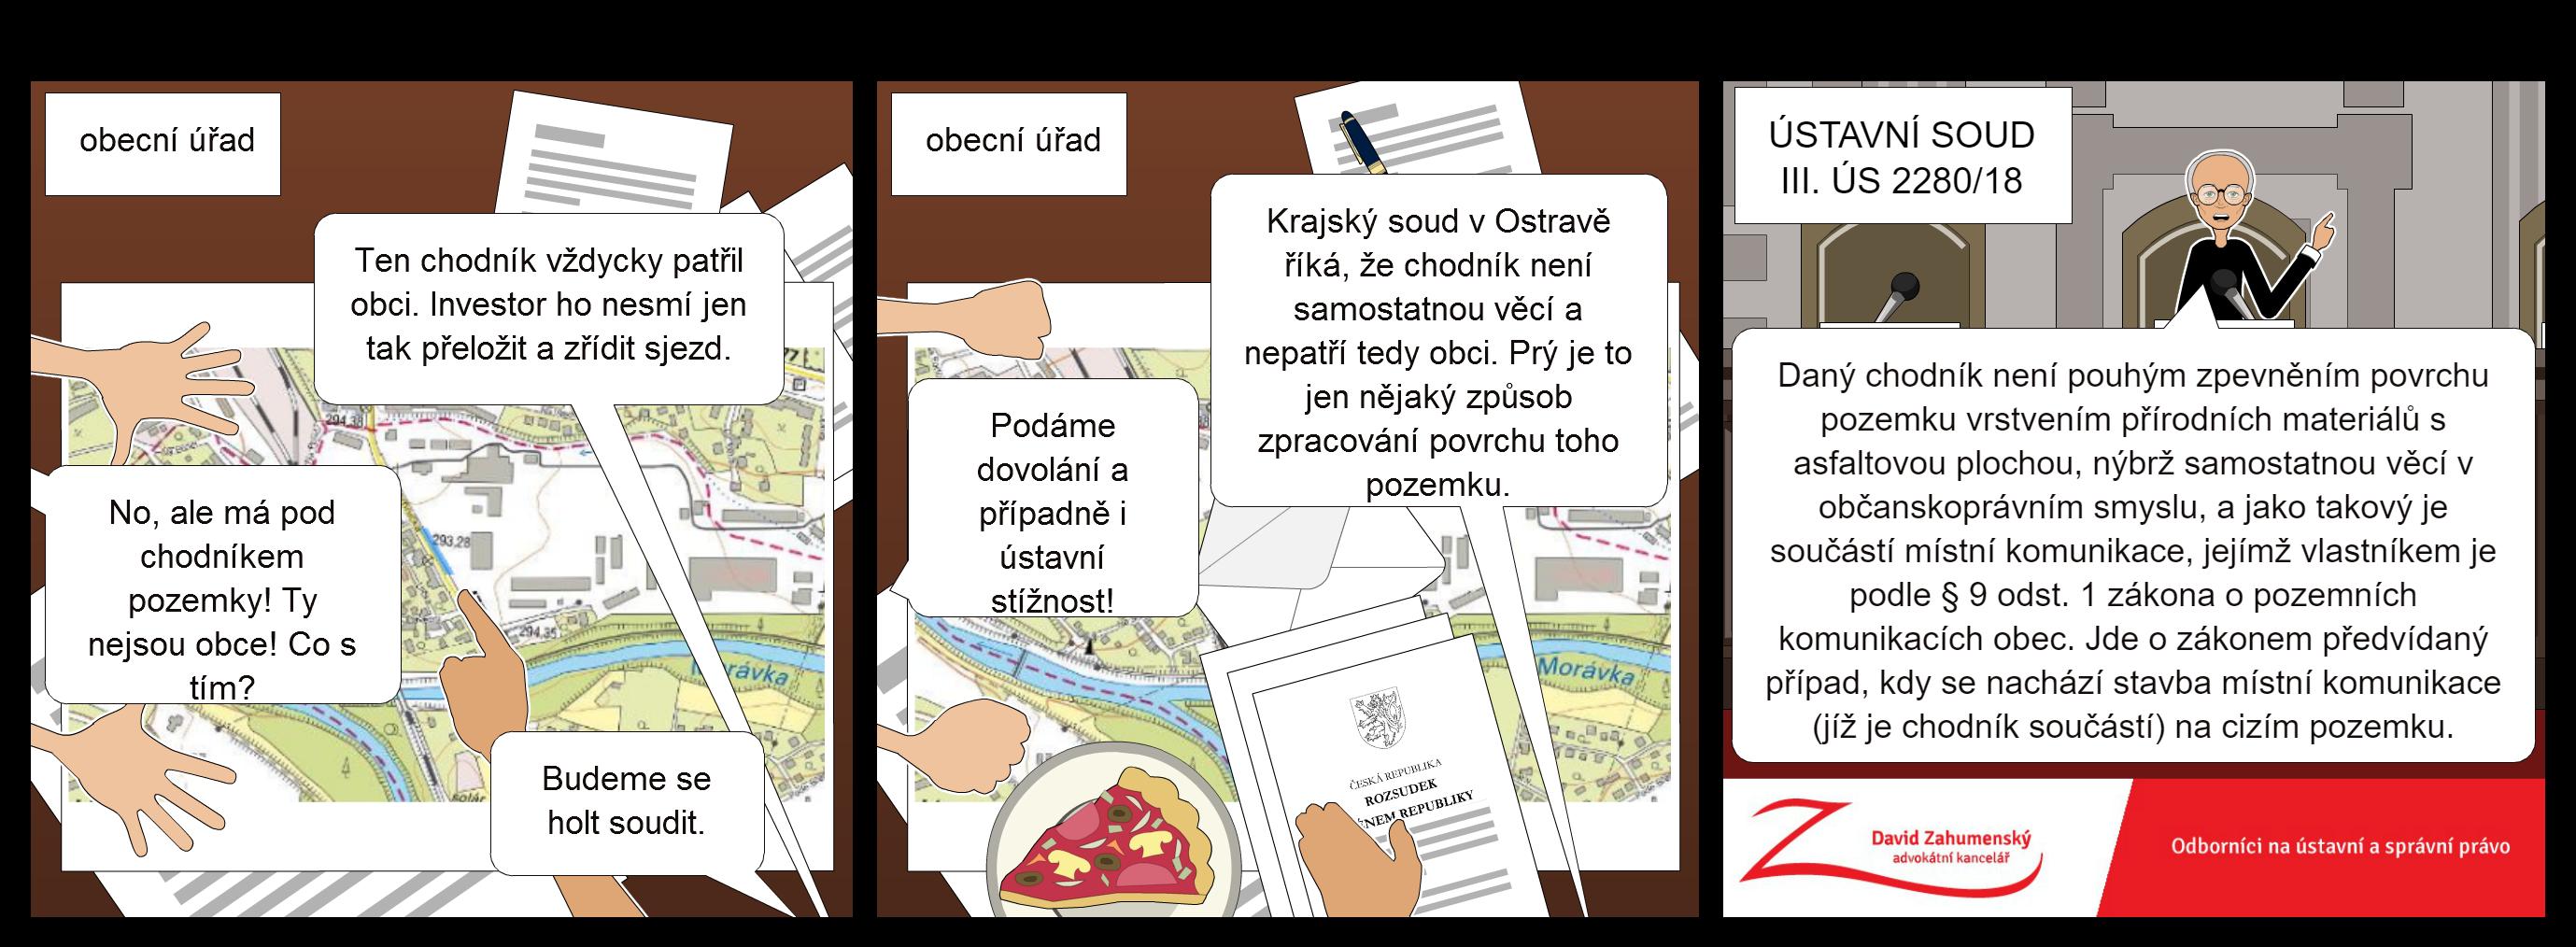 Komiks k nálezu Ústavního soudu sp. zn. III. ÚS 2280/18